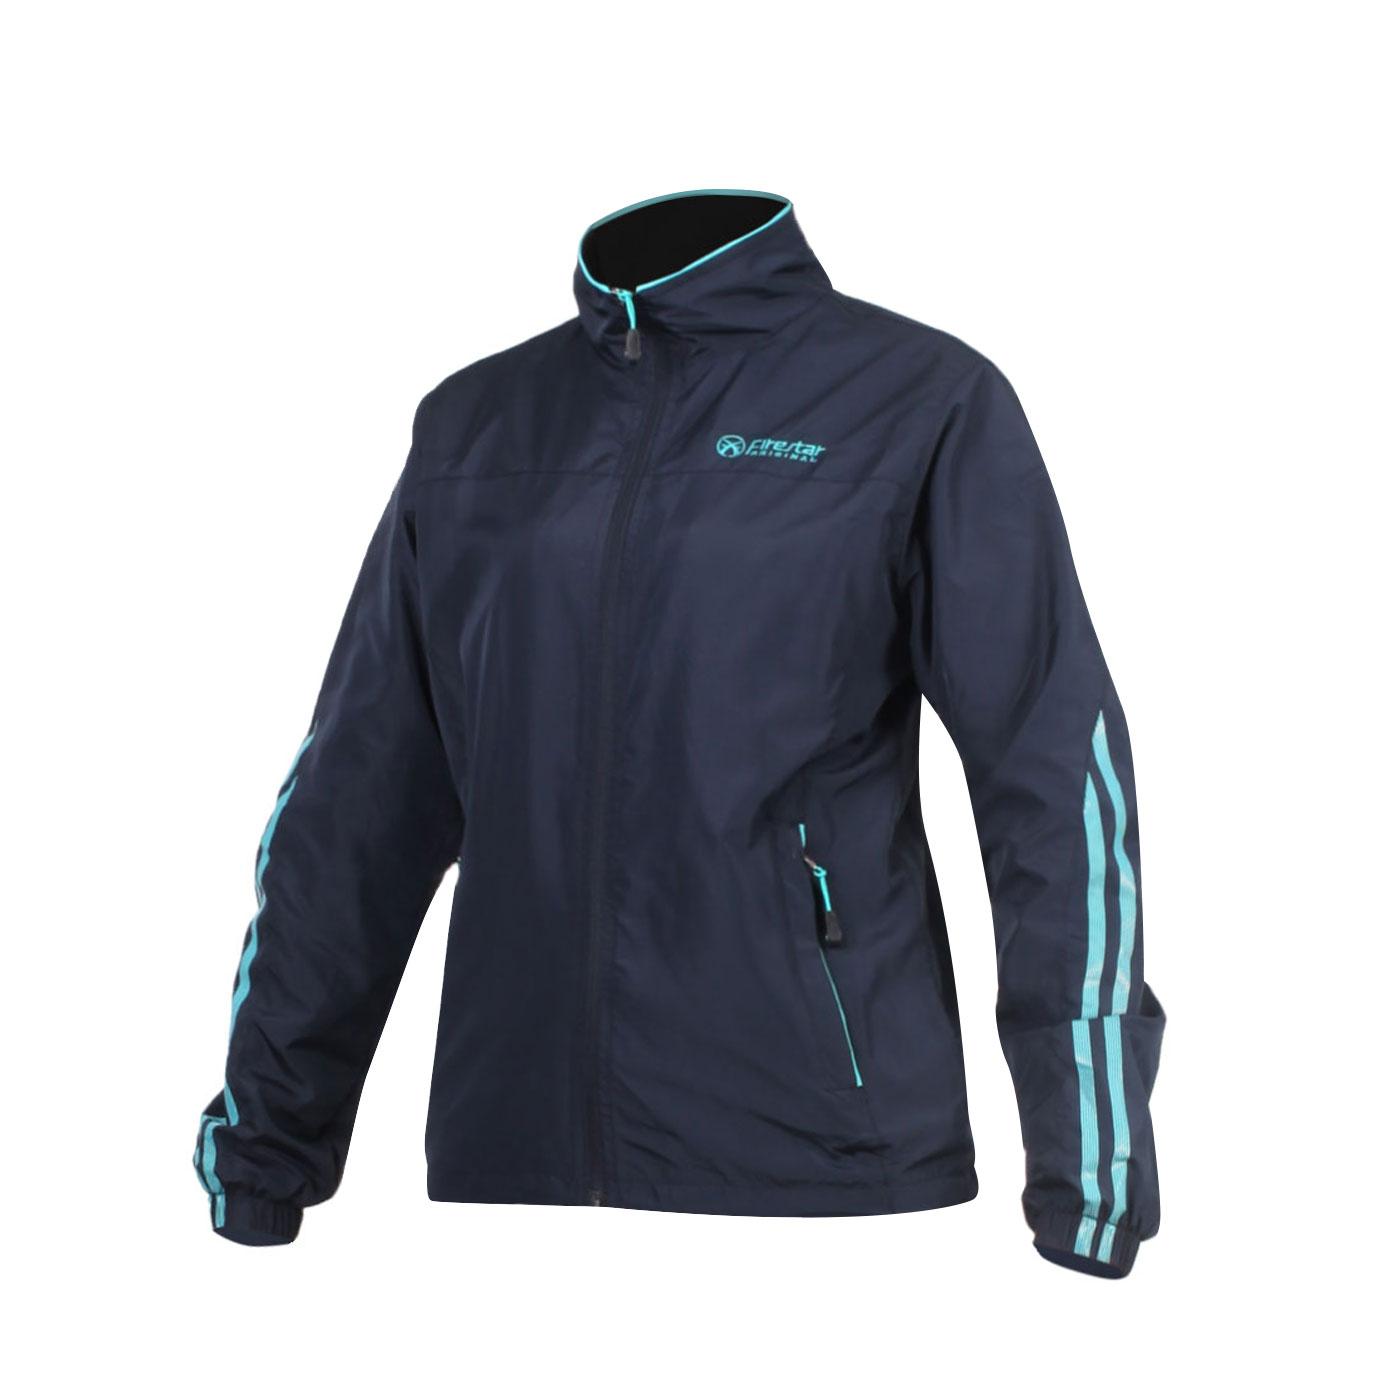 FIRESTAR 女款防水防風磨毛裏夾克 JL563-10 - 丈青水藍